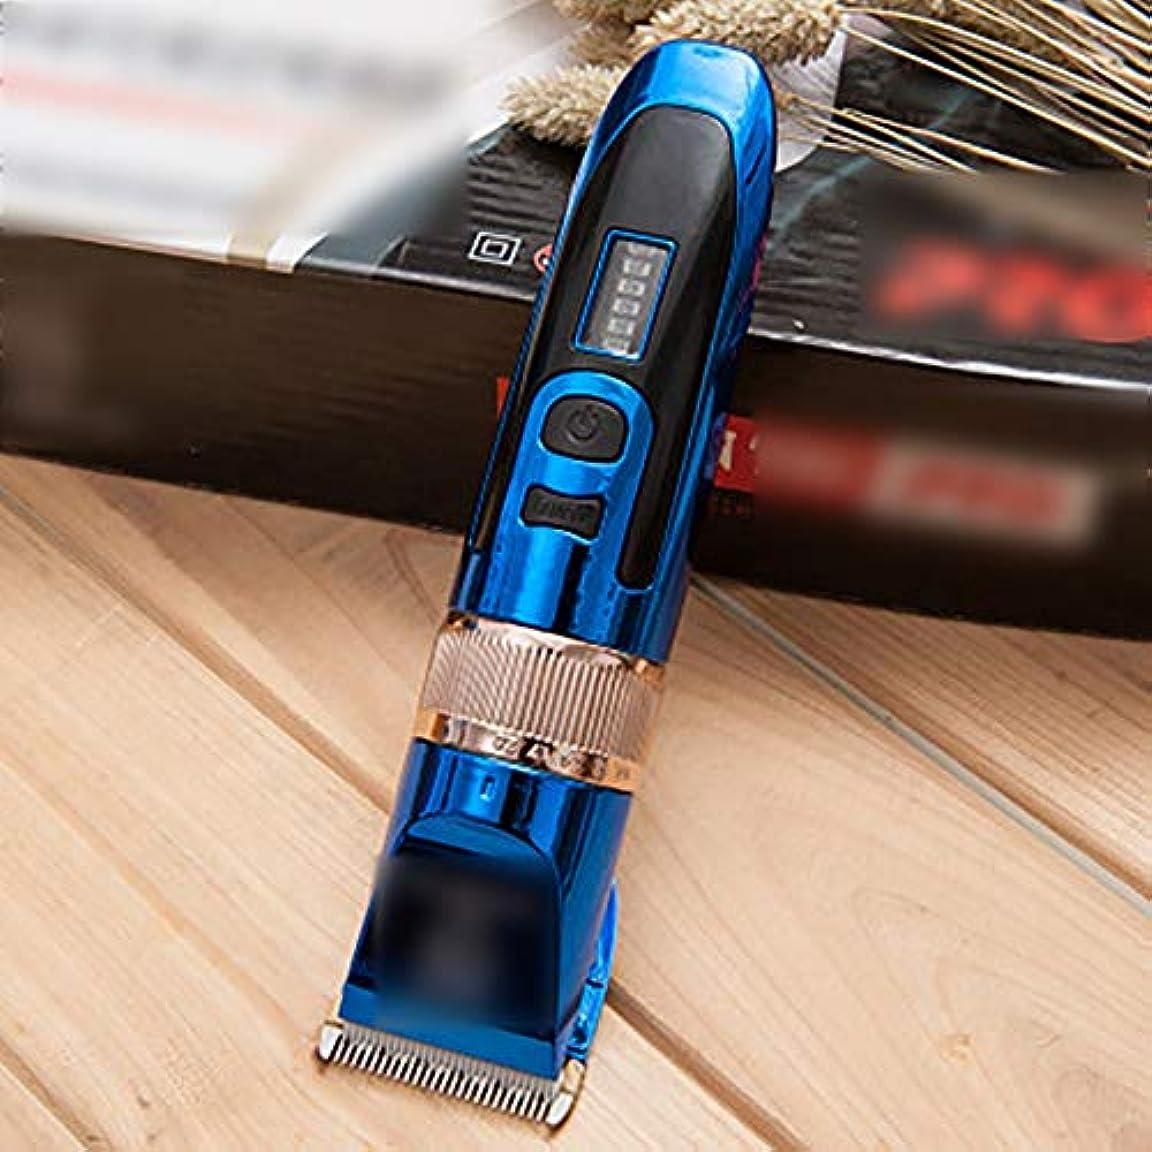 しかしながらくすぐったい発揮するWAKABAFK プロの電気フェーダーリチウム電池液晶ディスプレイ散髪機ヘアトリマークリッパー (色 : 青)